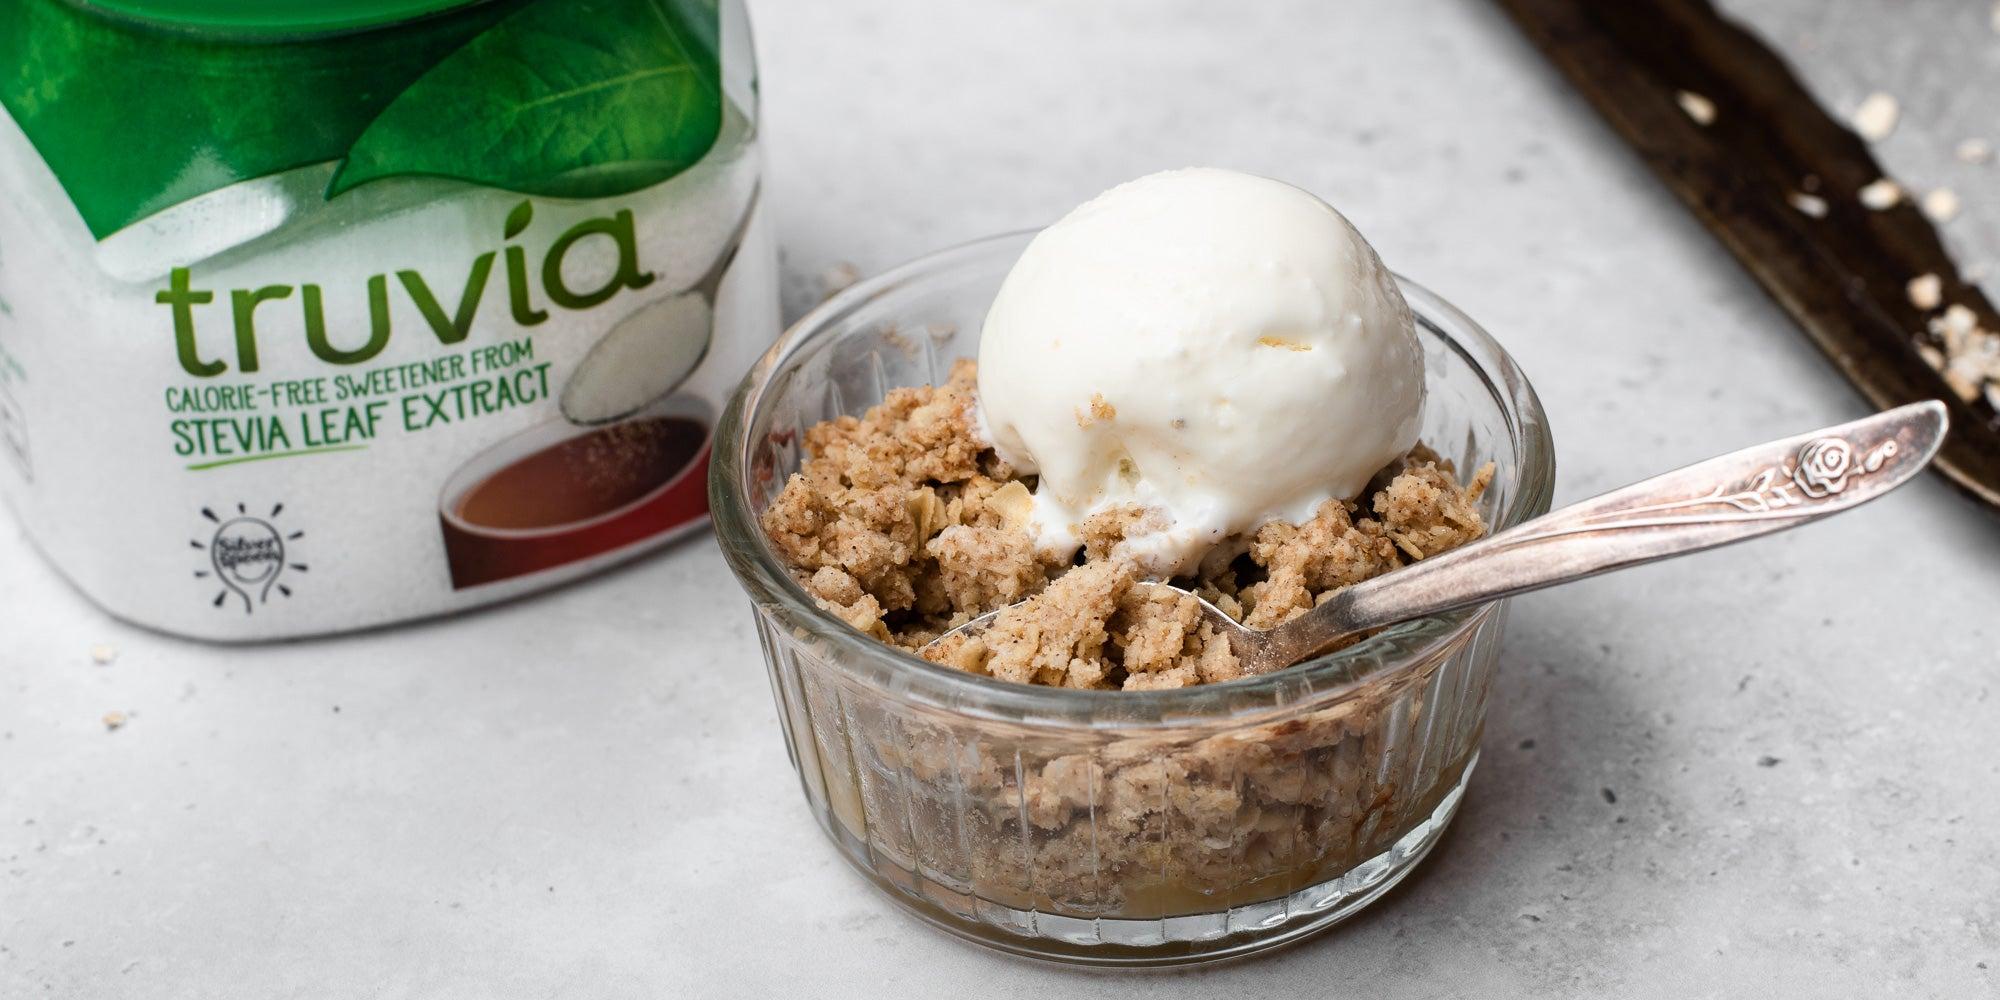 Close up of Mini Apple & Cinnamon Crumble in ramekin with ice cream and spoon. Sweetener pack